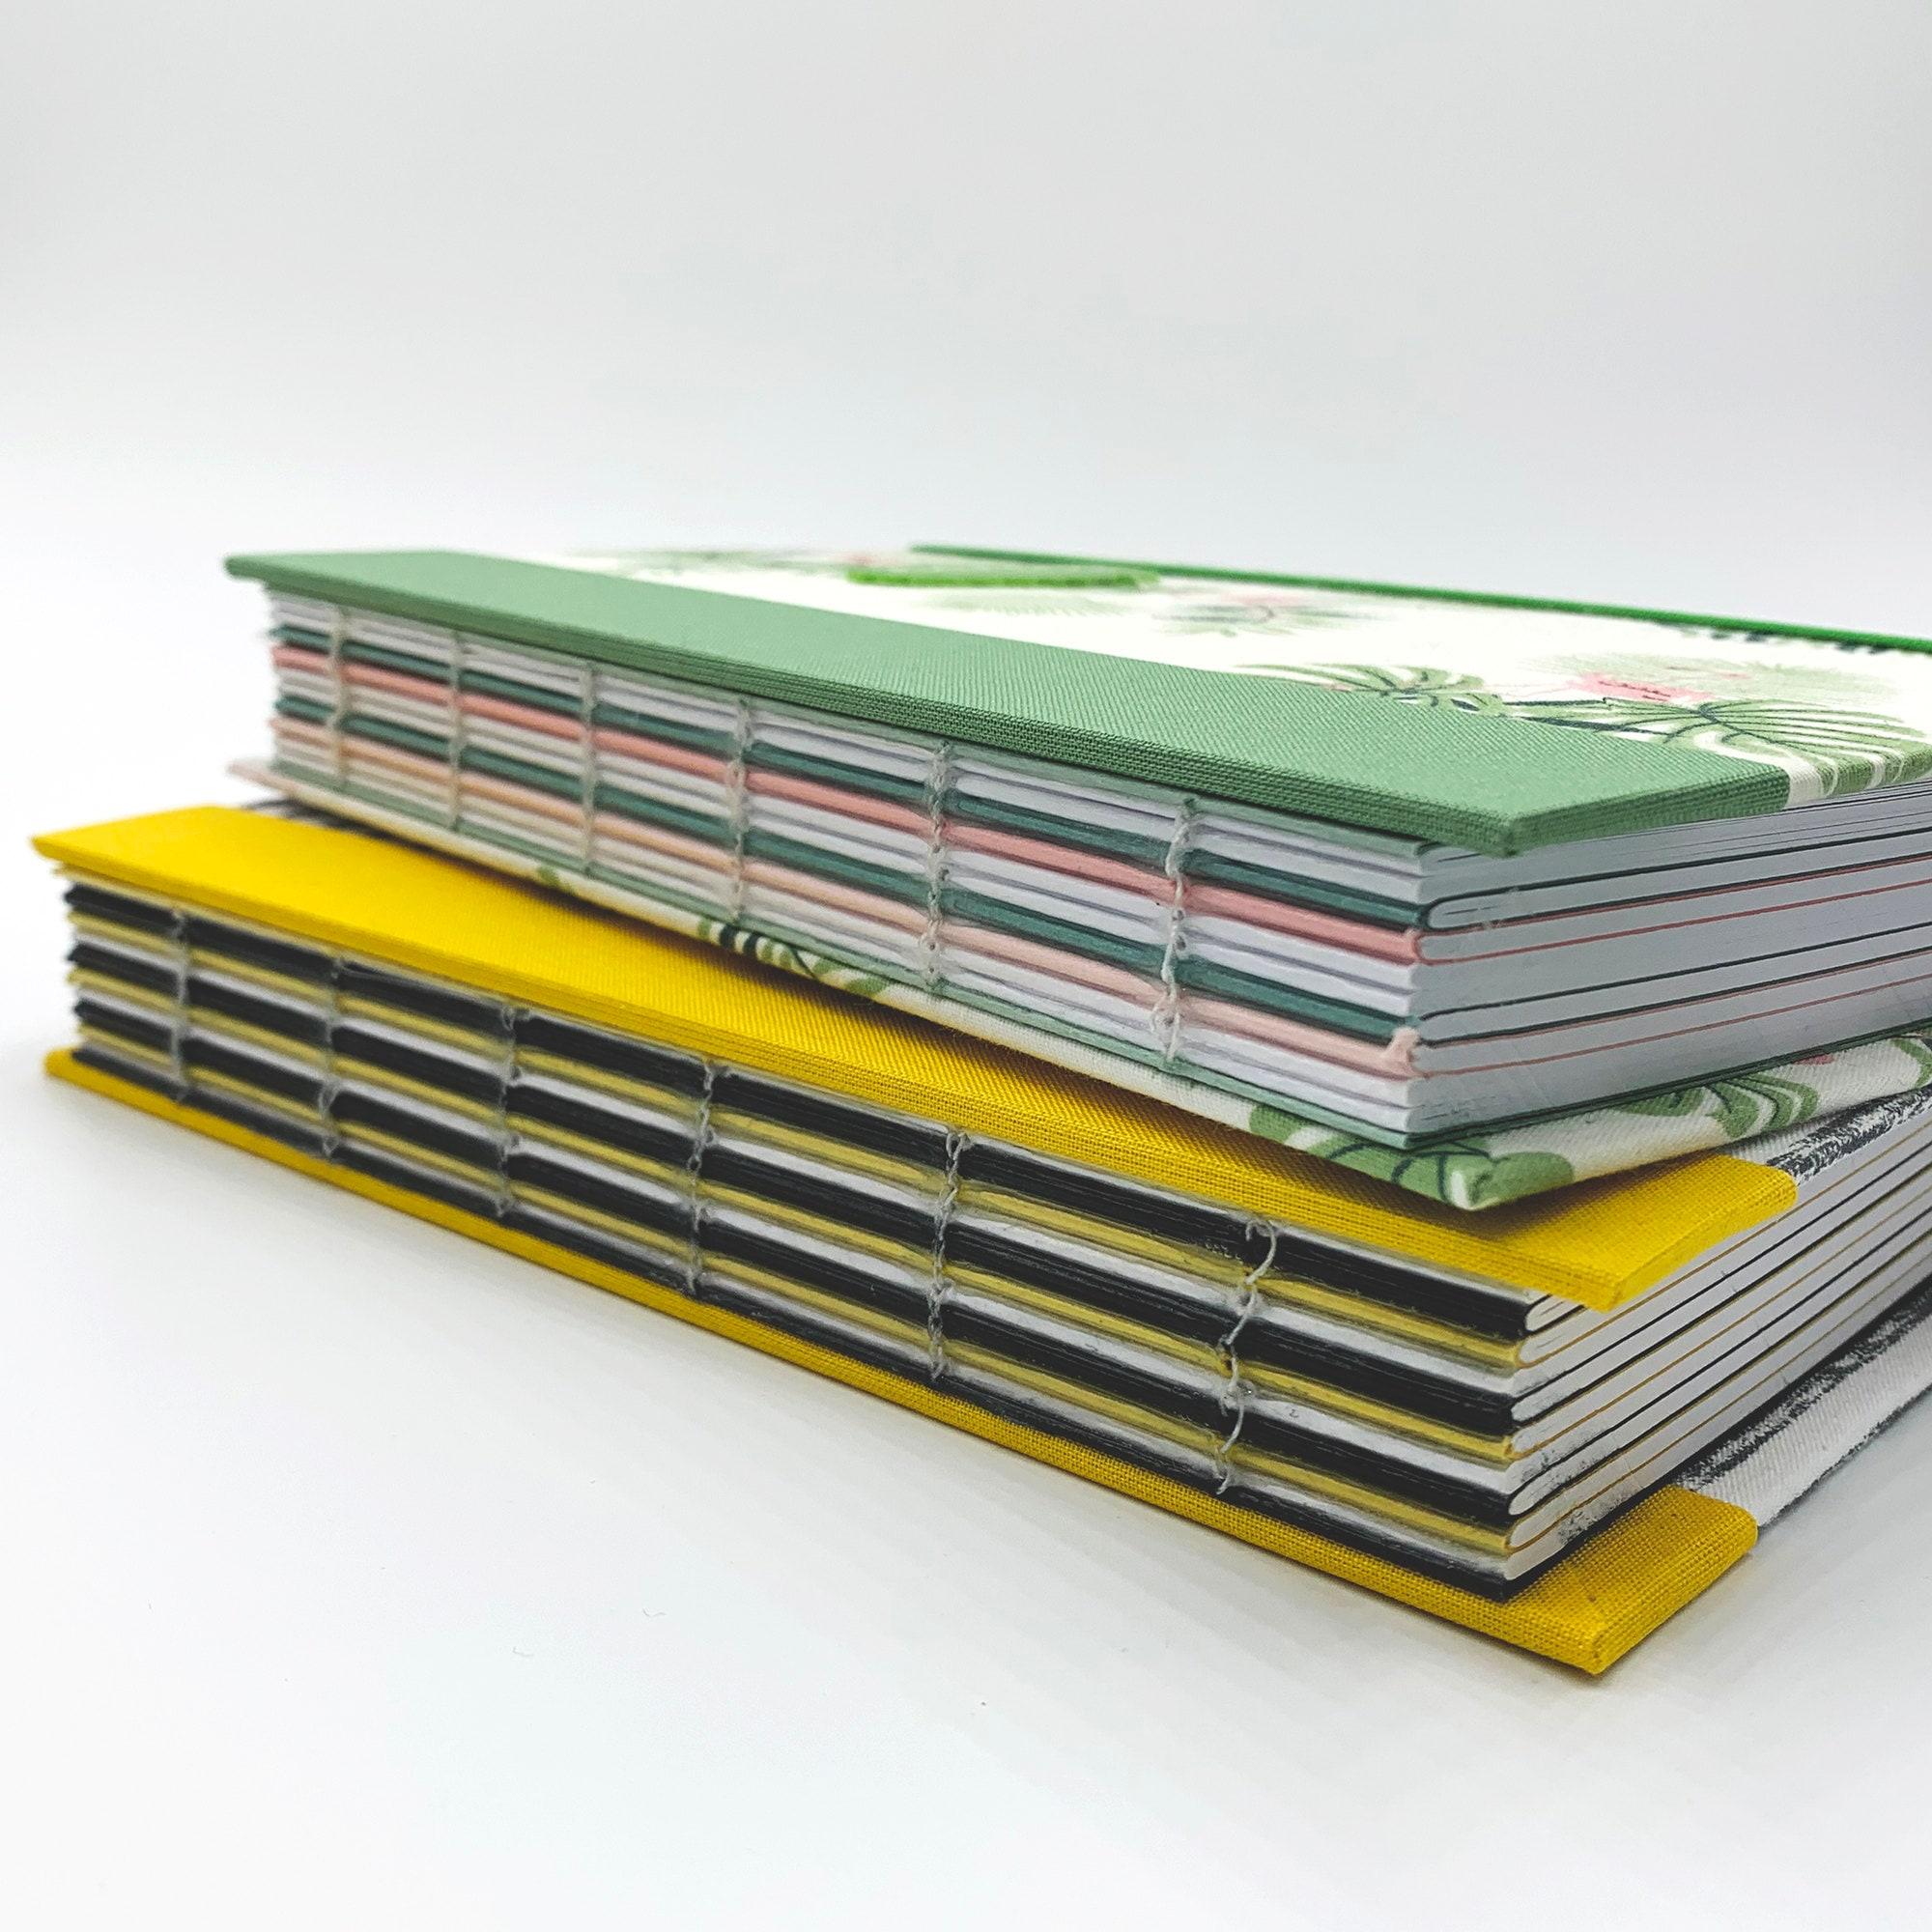 Imagen con varios cuadernos de b-paper, encuadernados con el lomo a la vista